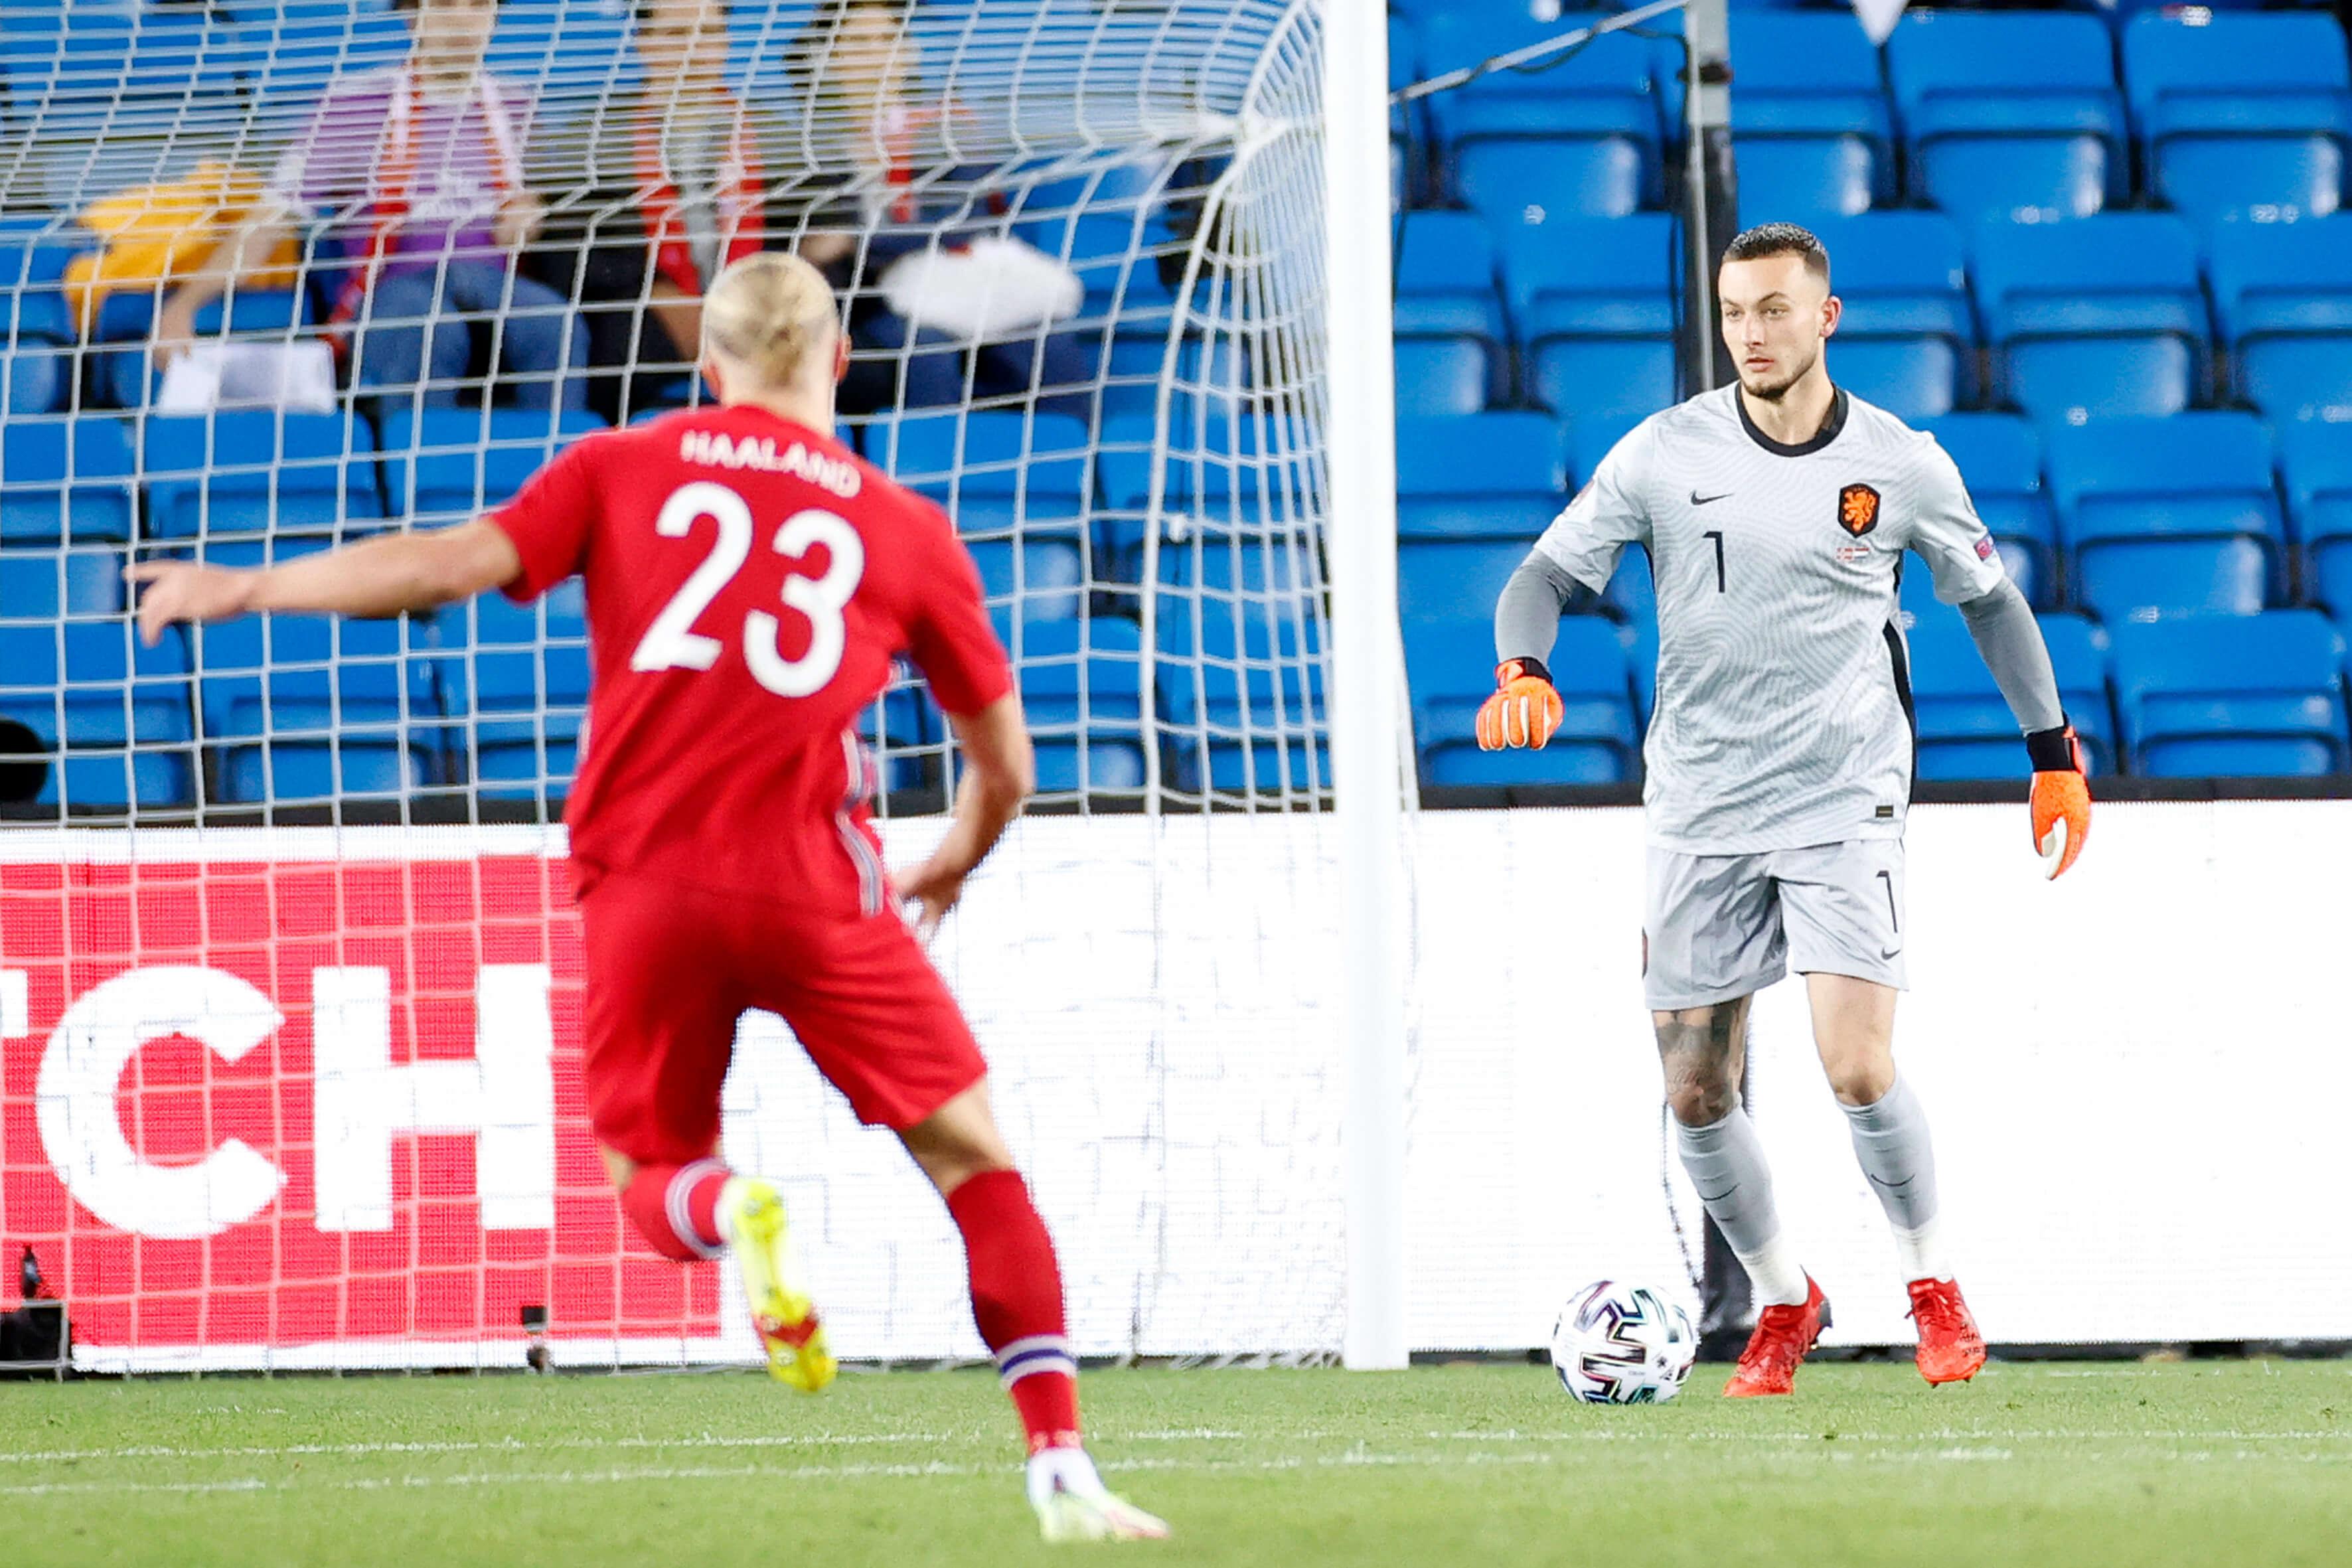 Justin Bijlow en Marcus Holmst Pedersen maken interlanddebuut in zwakke wedstrijd; image source: Pro Shots